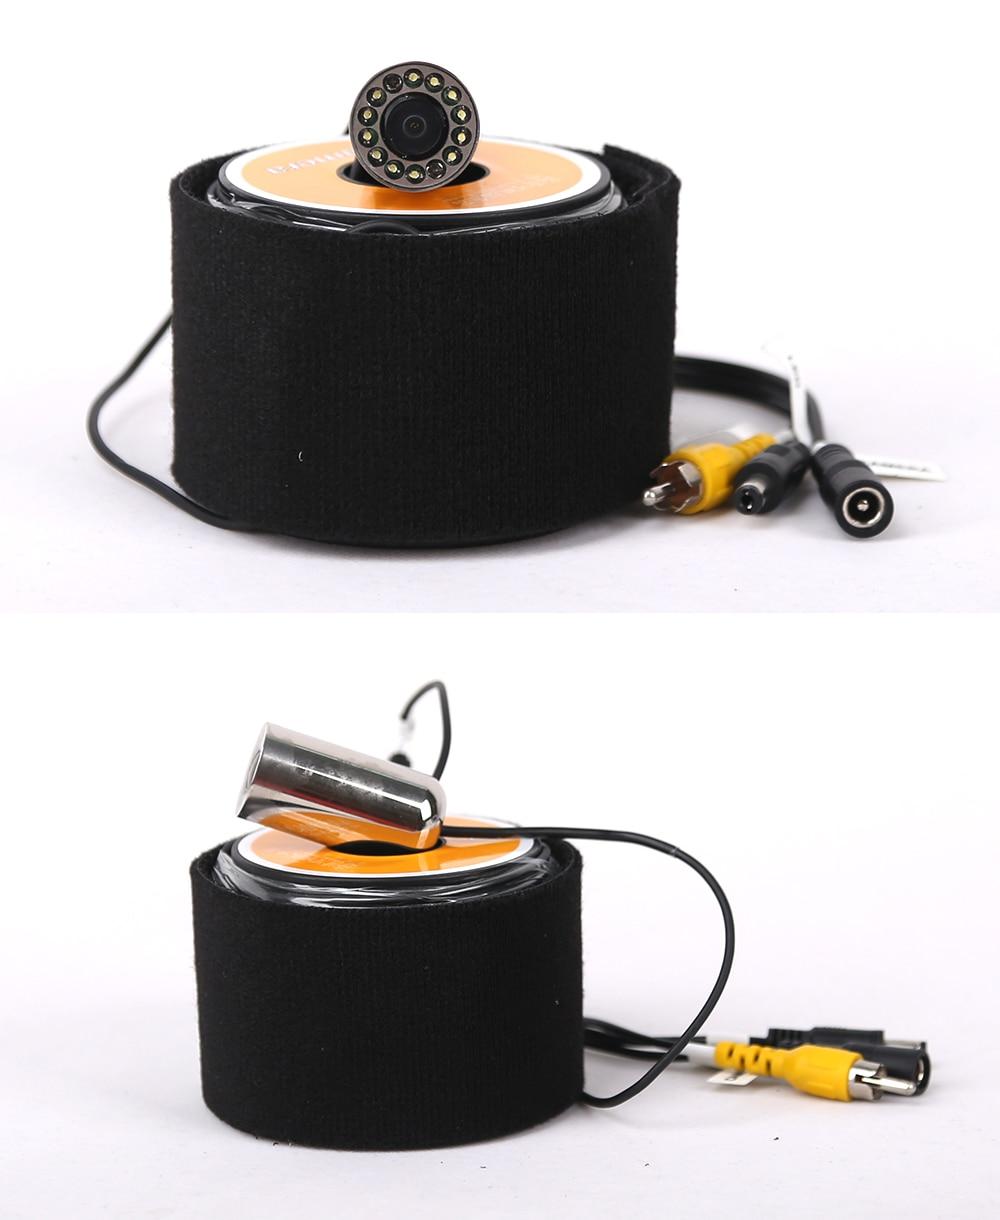 Vienweye V01S аксессуары для подводной рыбалки камера эхолот 12 шт. Белый светодиодный или инфракрасный ИК светодиодный светильник из нержавеющей стали